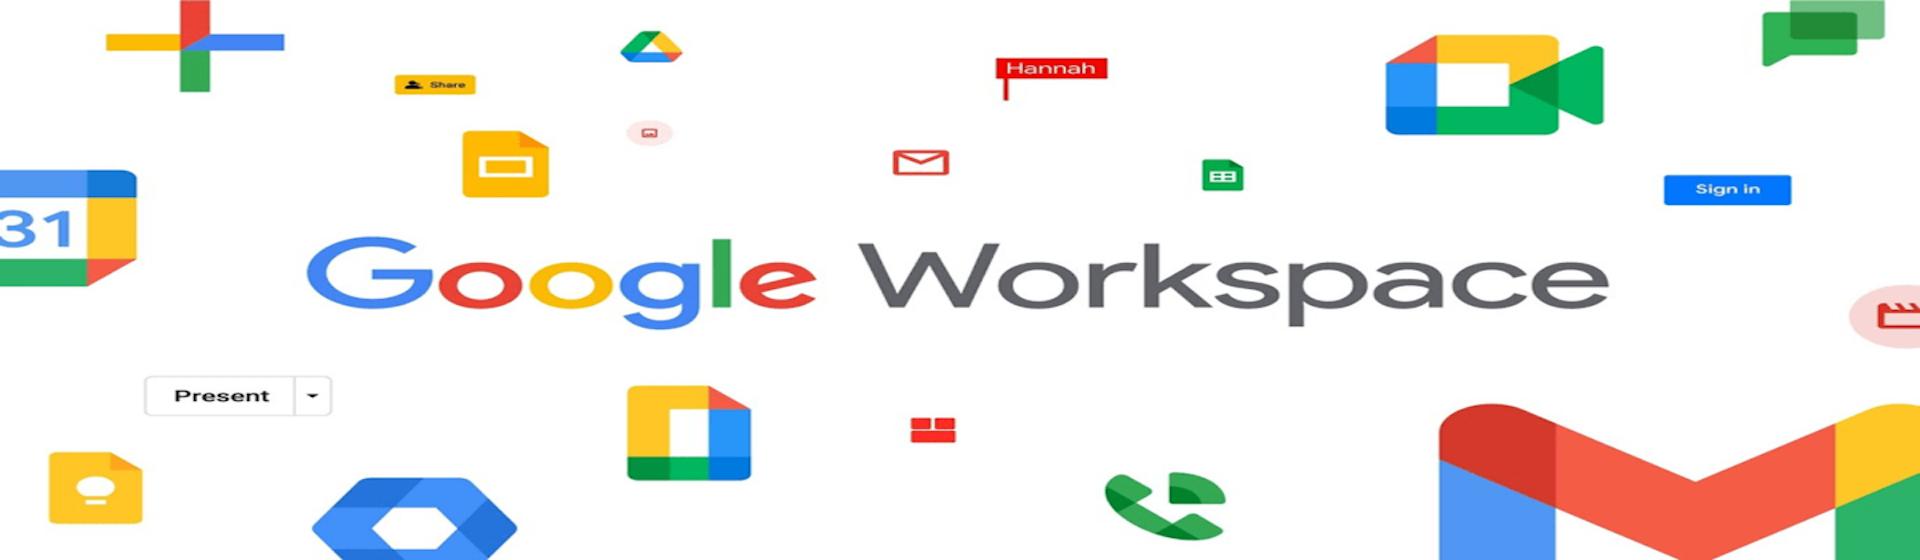 Google revoluciona el trabajo colaborativo con Smart Canvas en Workspace